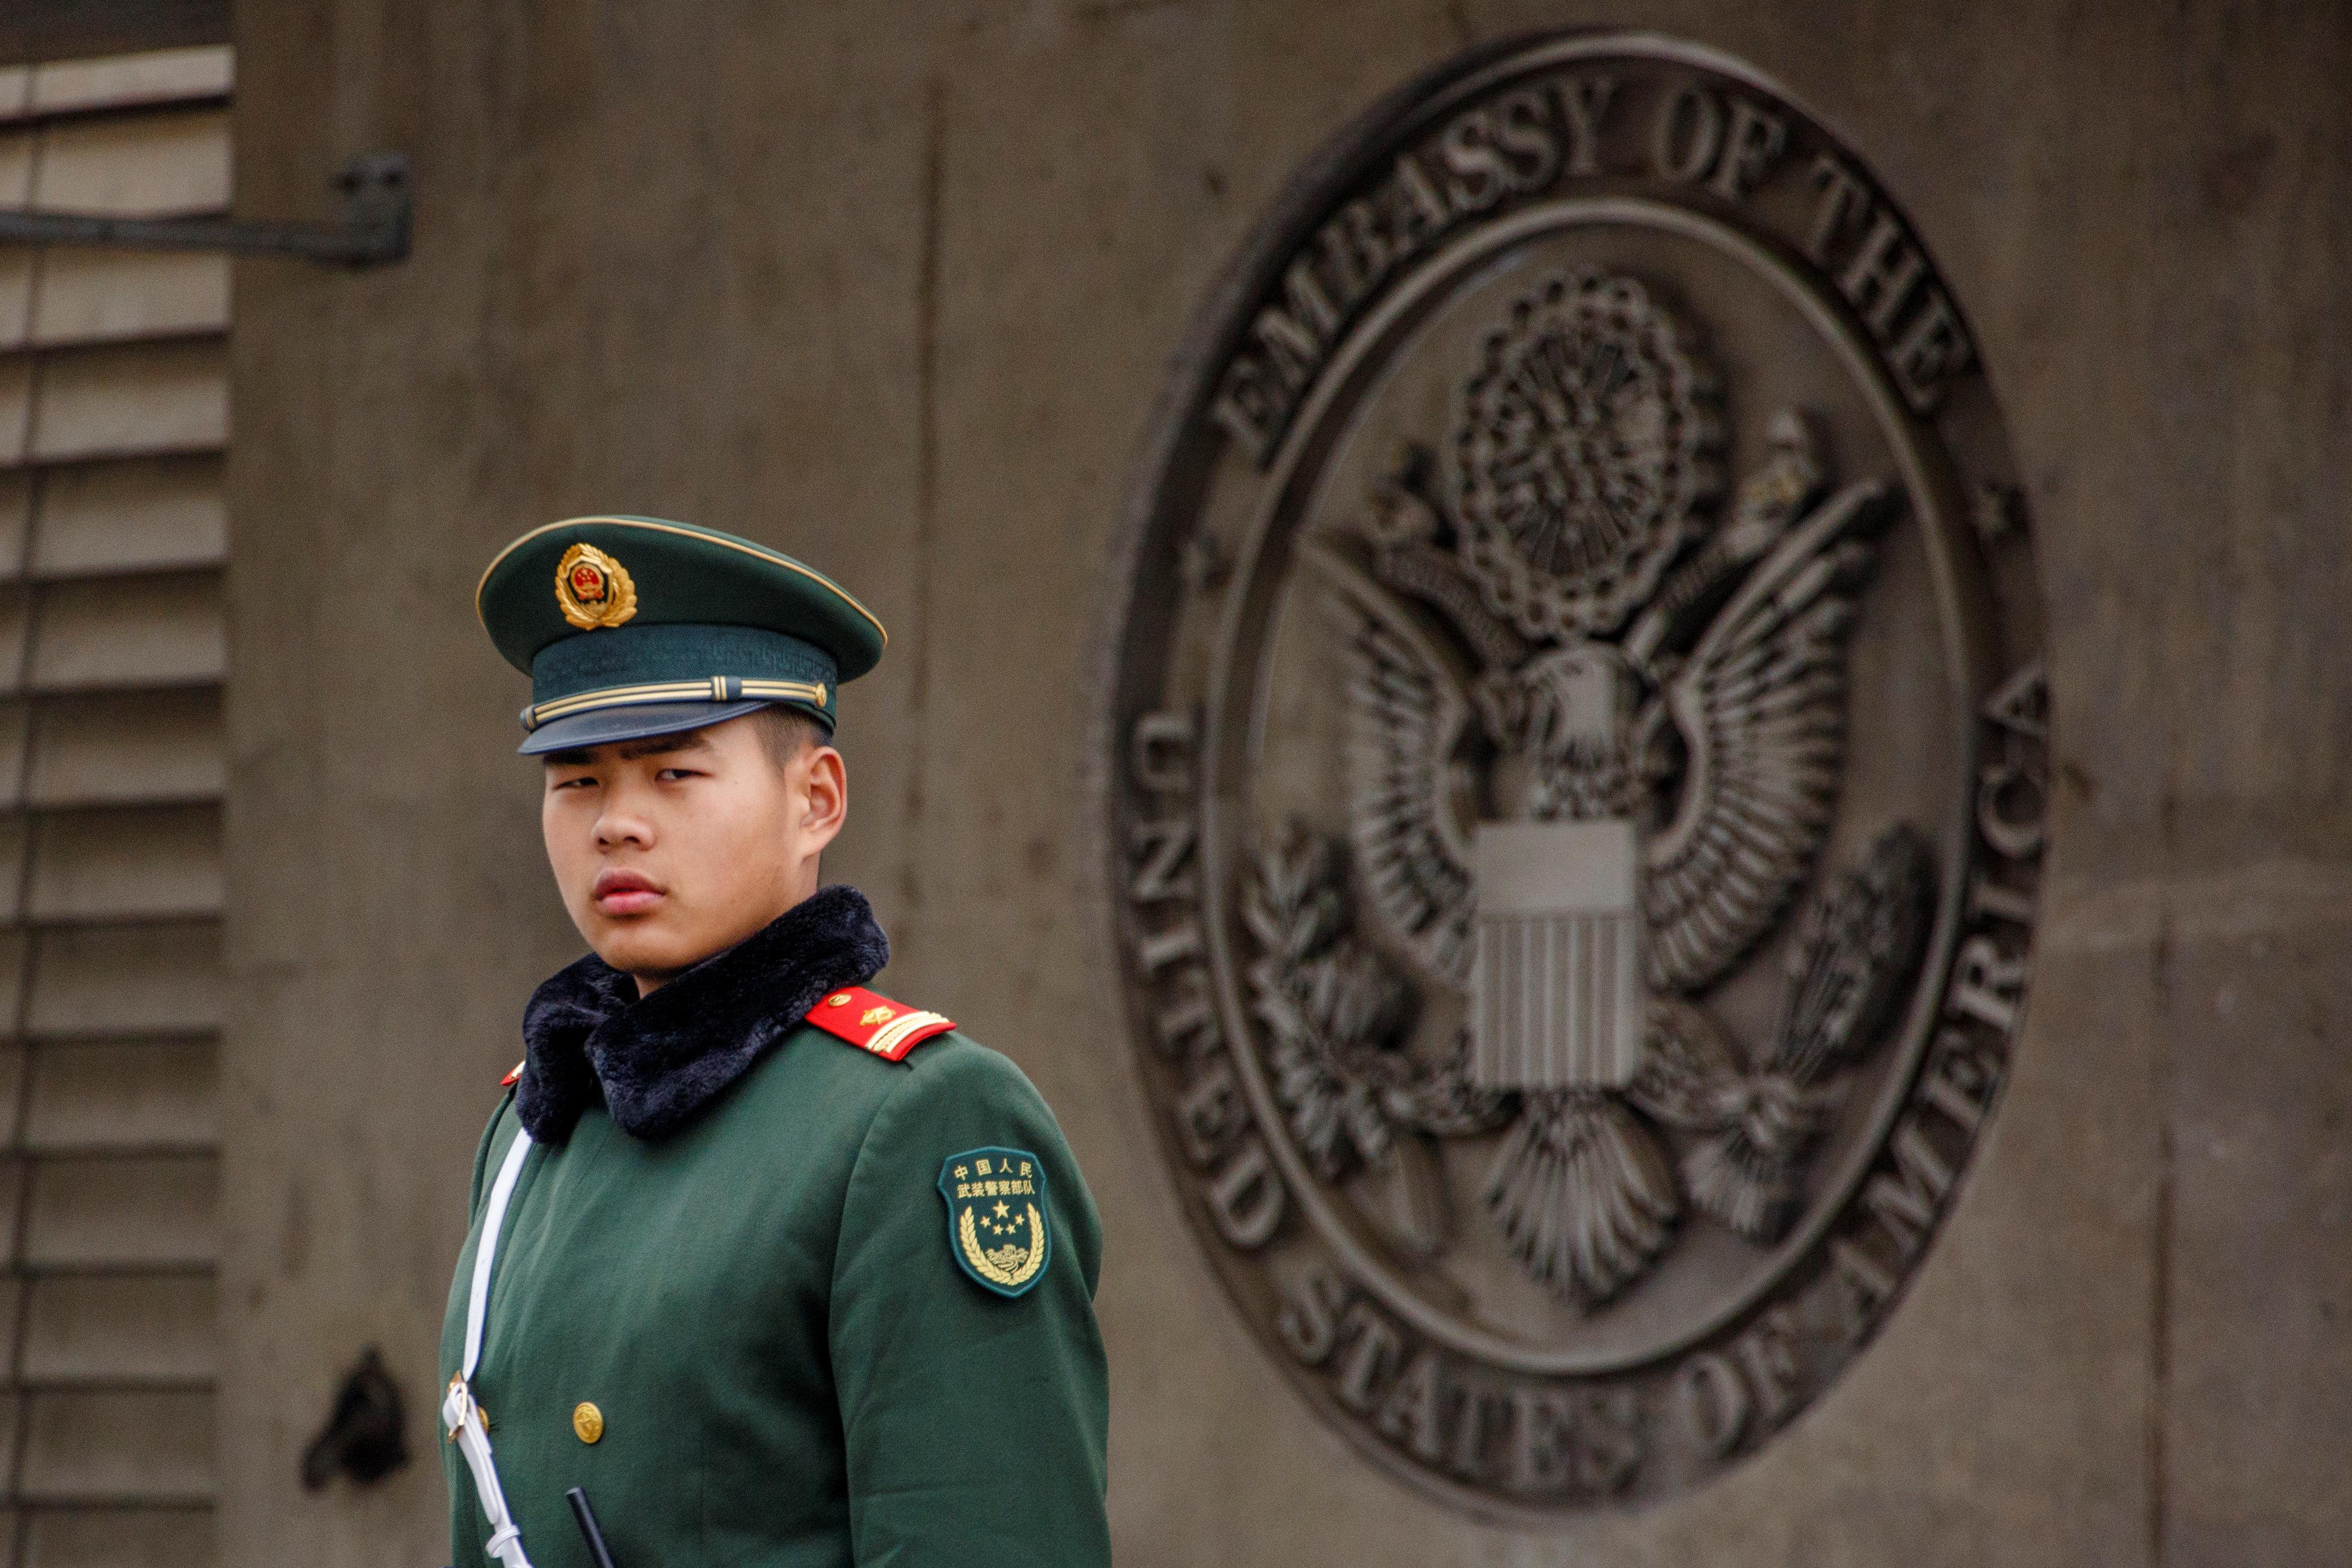 Δύο ακόμη αμερικανοί διπλωμάτες στην Κίνα εμφανίζουν συμπτώματα μιας «μυστηριώδους